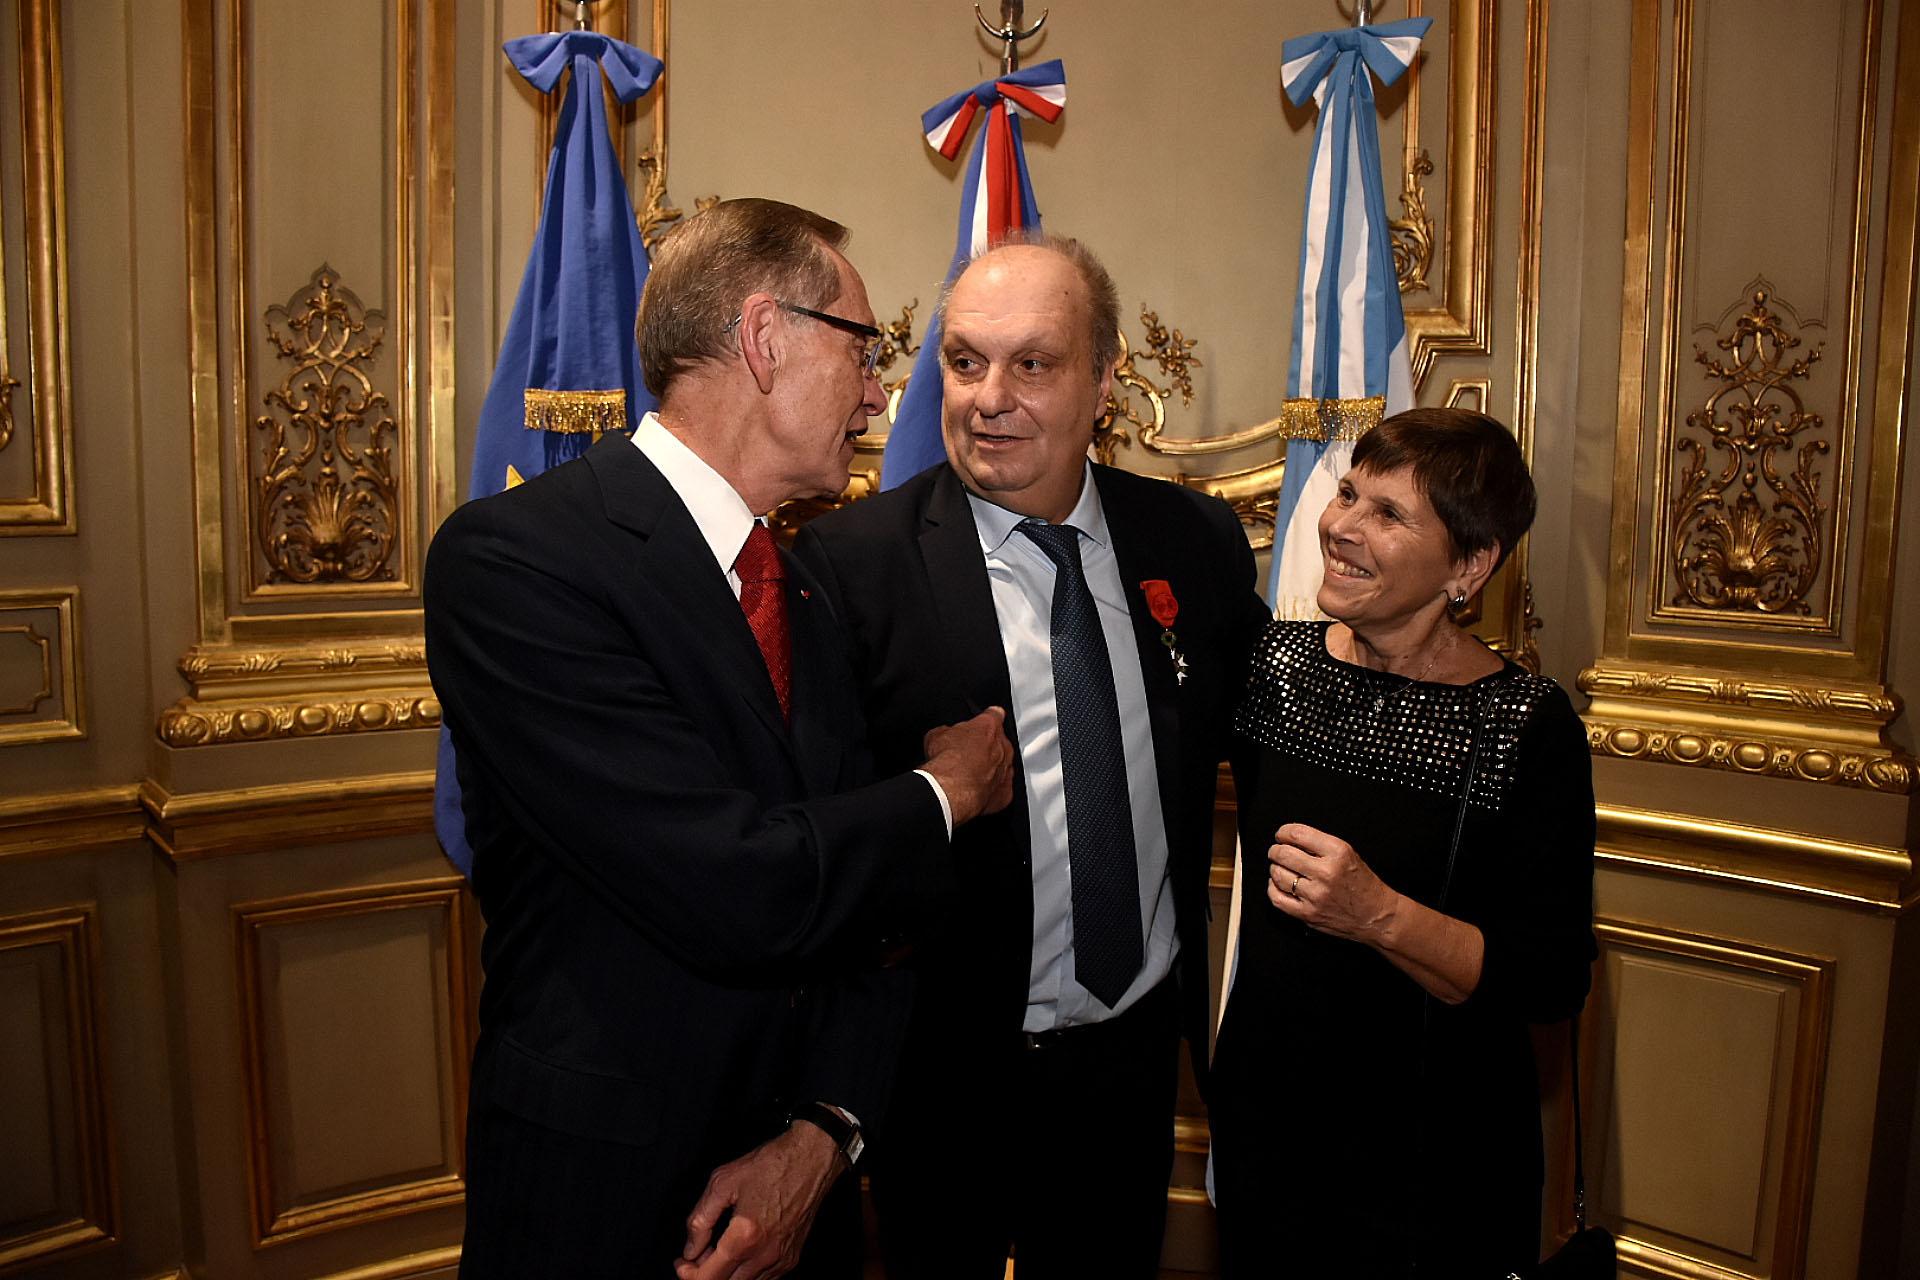 Lombardiingresó a la Orden de la Legión de Honor, con el grado de Caballero, en el año 2012 cuando se desempeñaba como ministro de Cultura porteño